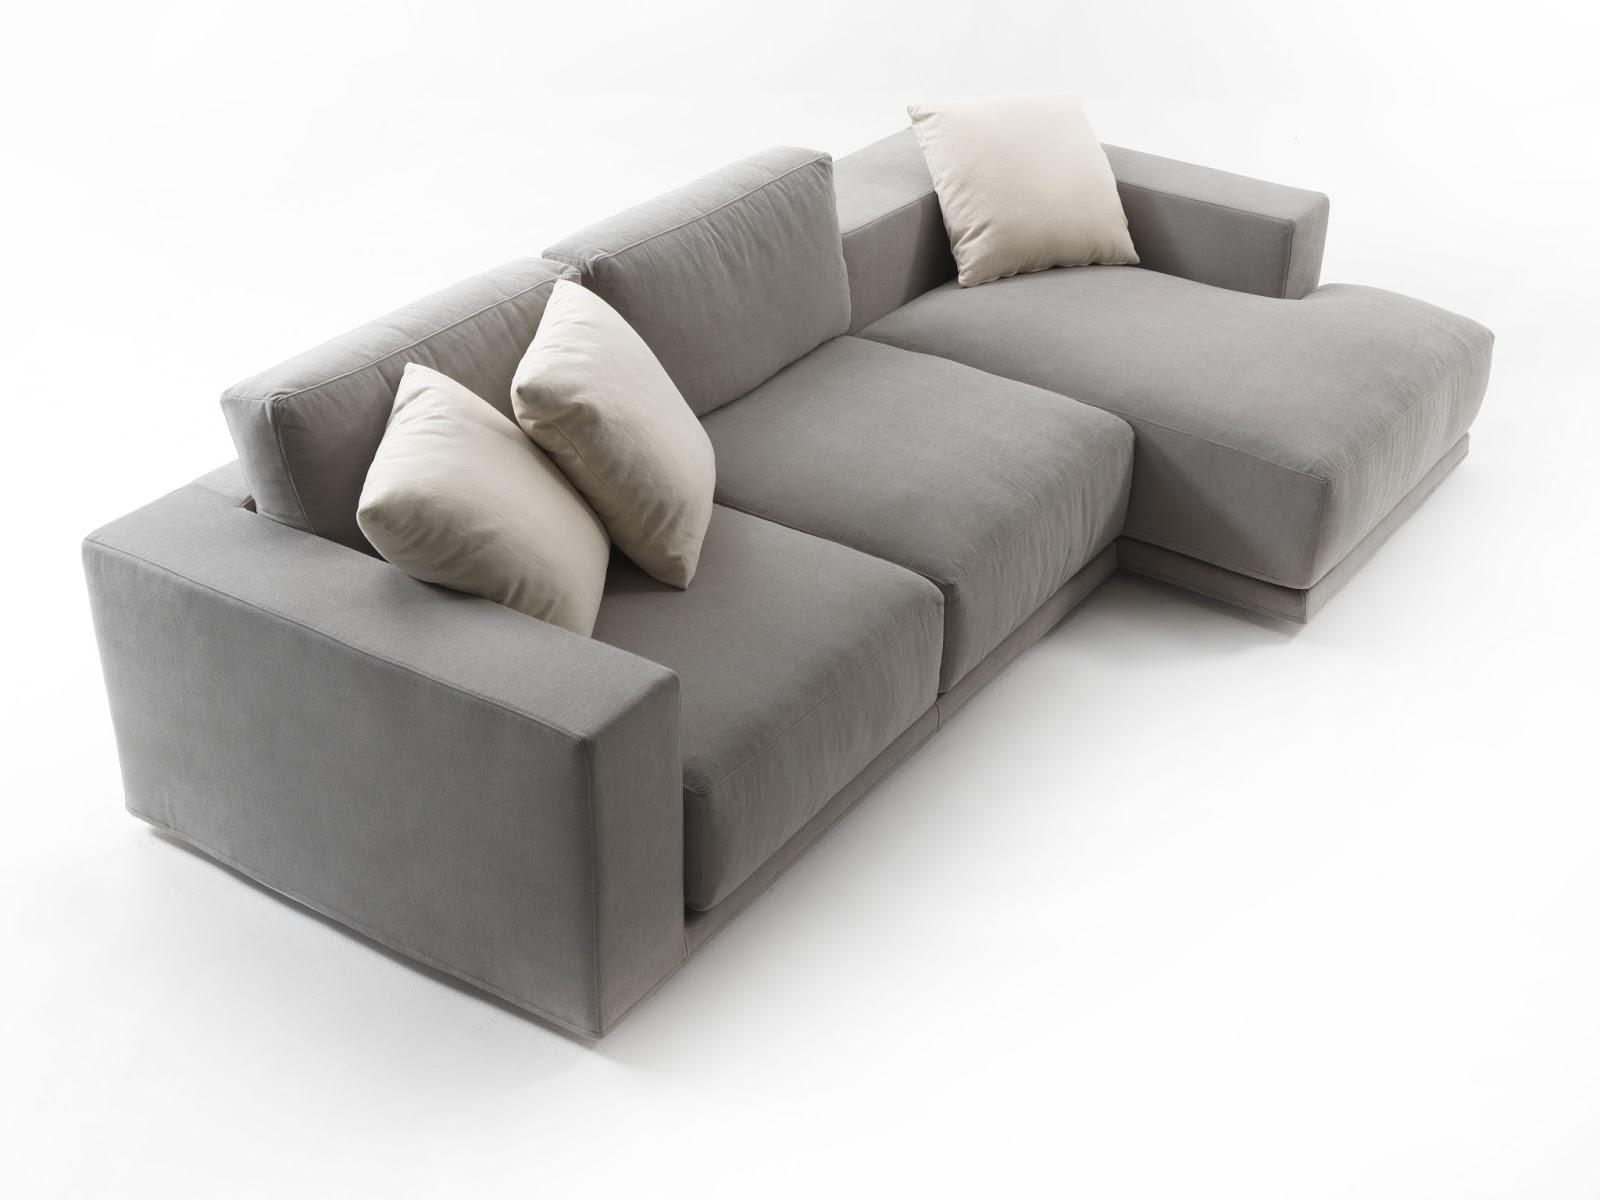 Santambrogio salotti produzione e vendita di divani e for Divano 4 metri